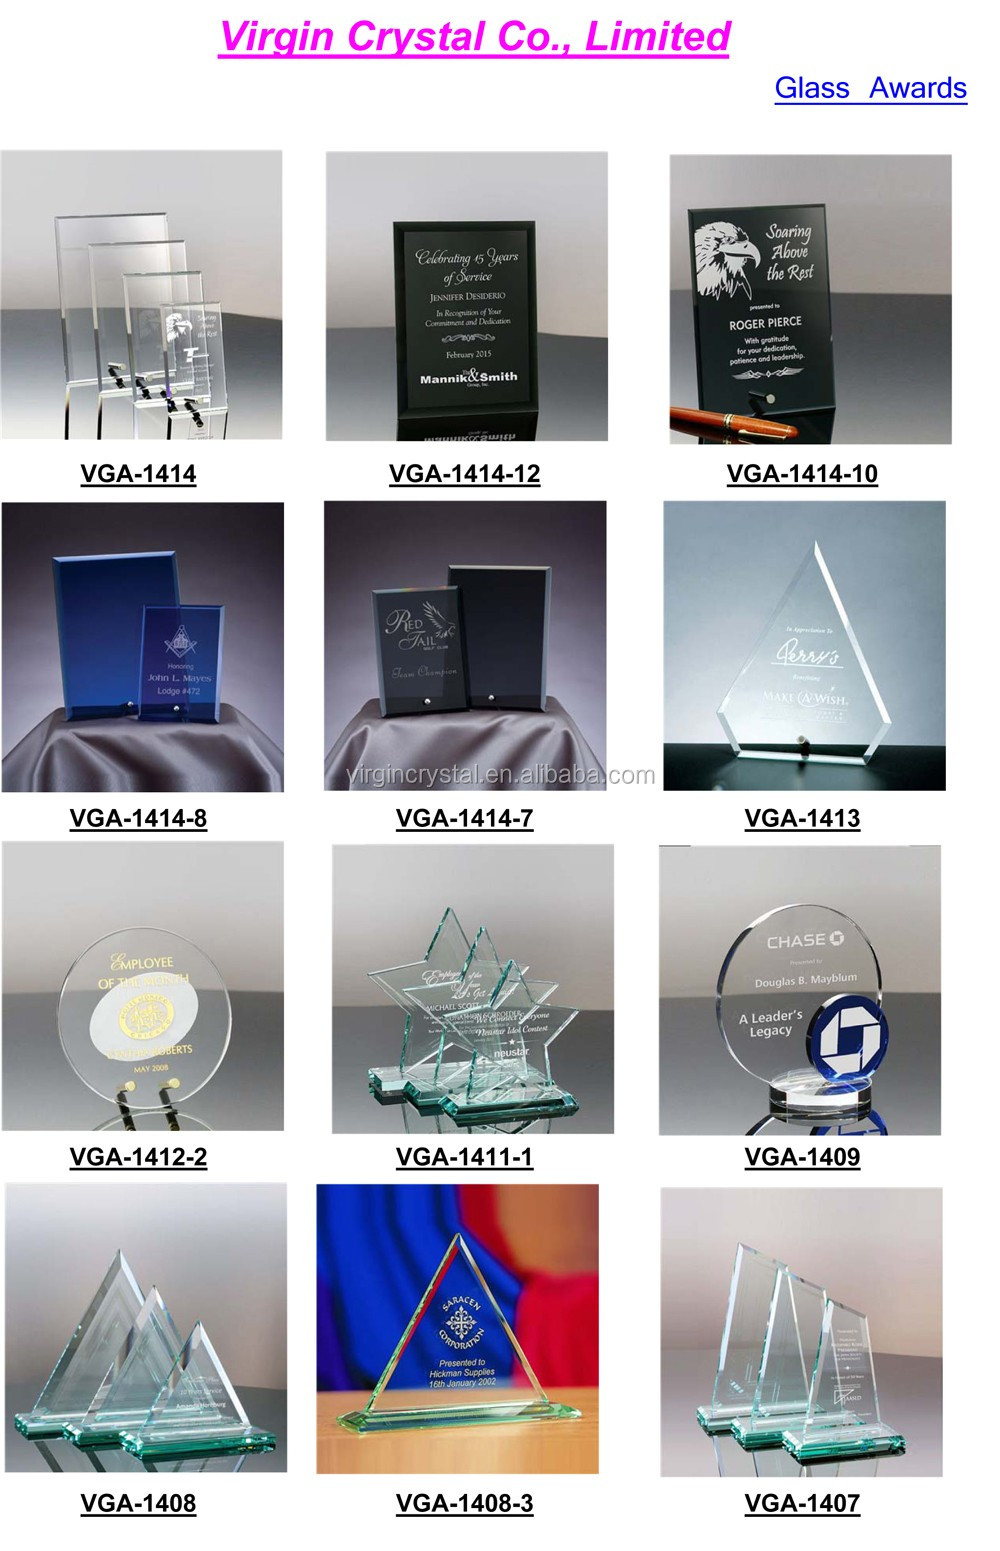 2016 Glass Awards Catalog-14.jpg